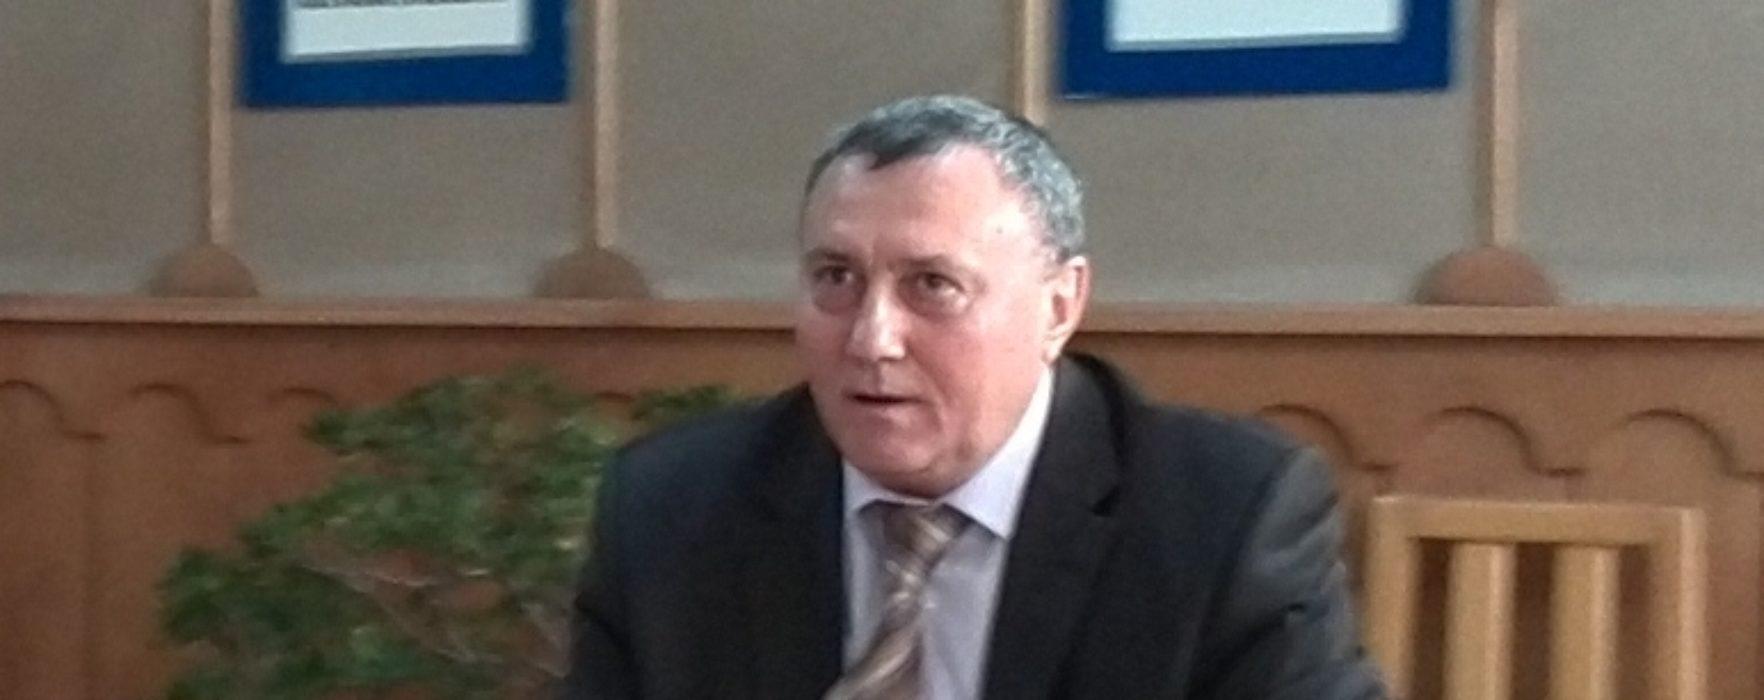 Dănuţ Bădău (primar Pucioasa): Am contestat decizia de demitere de la şefia PNL Pucioasa